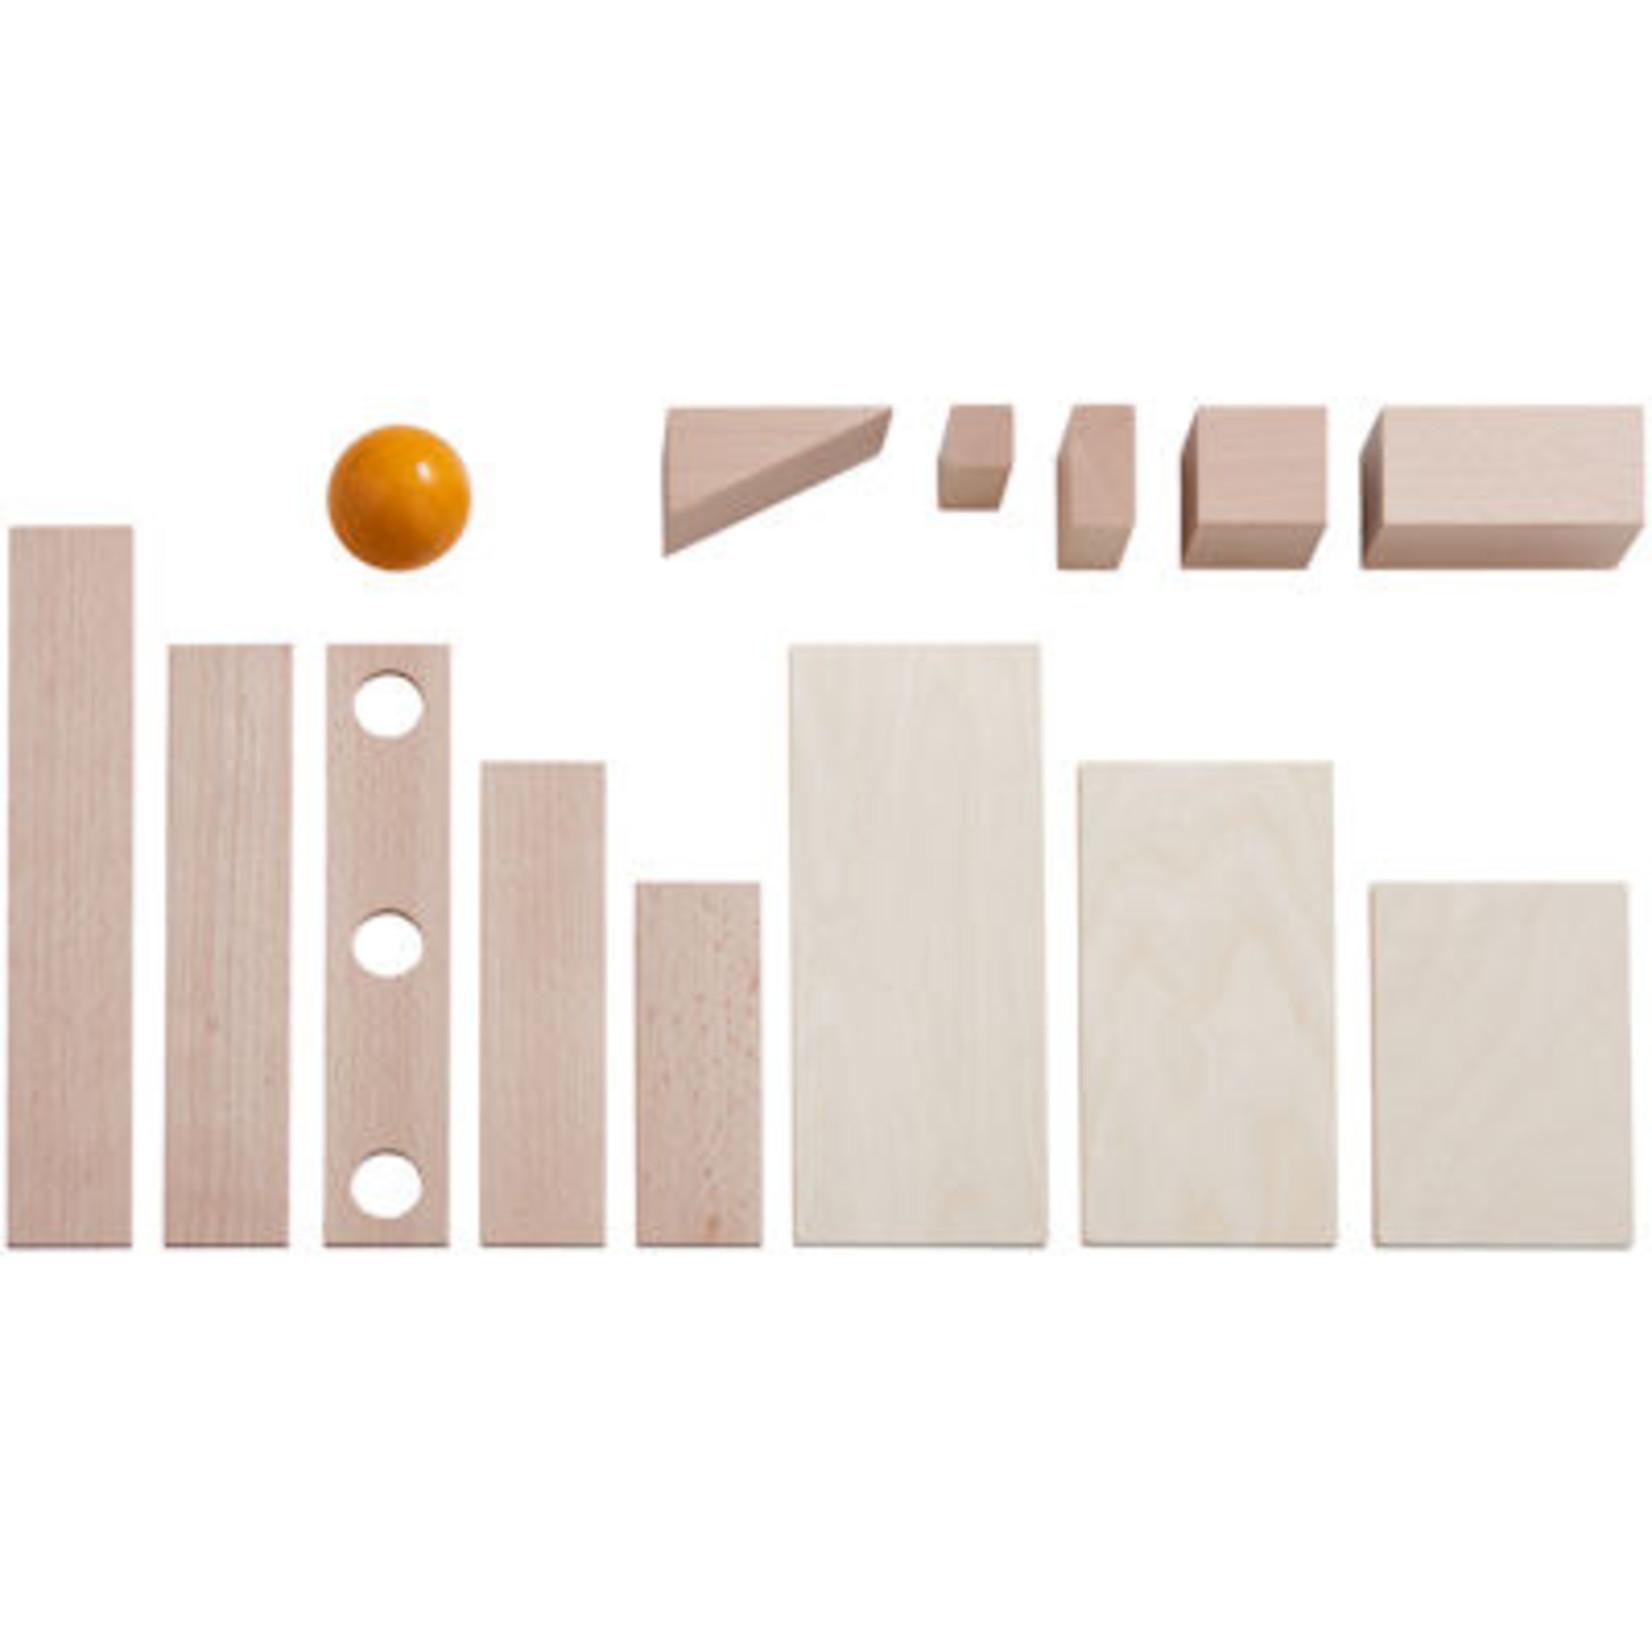 Haba Blokken / Bouwsteensysteem Clever-up! 4.0